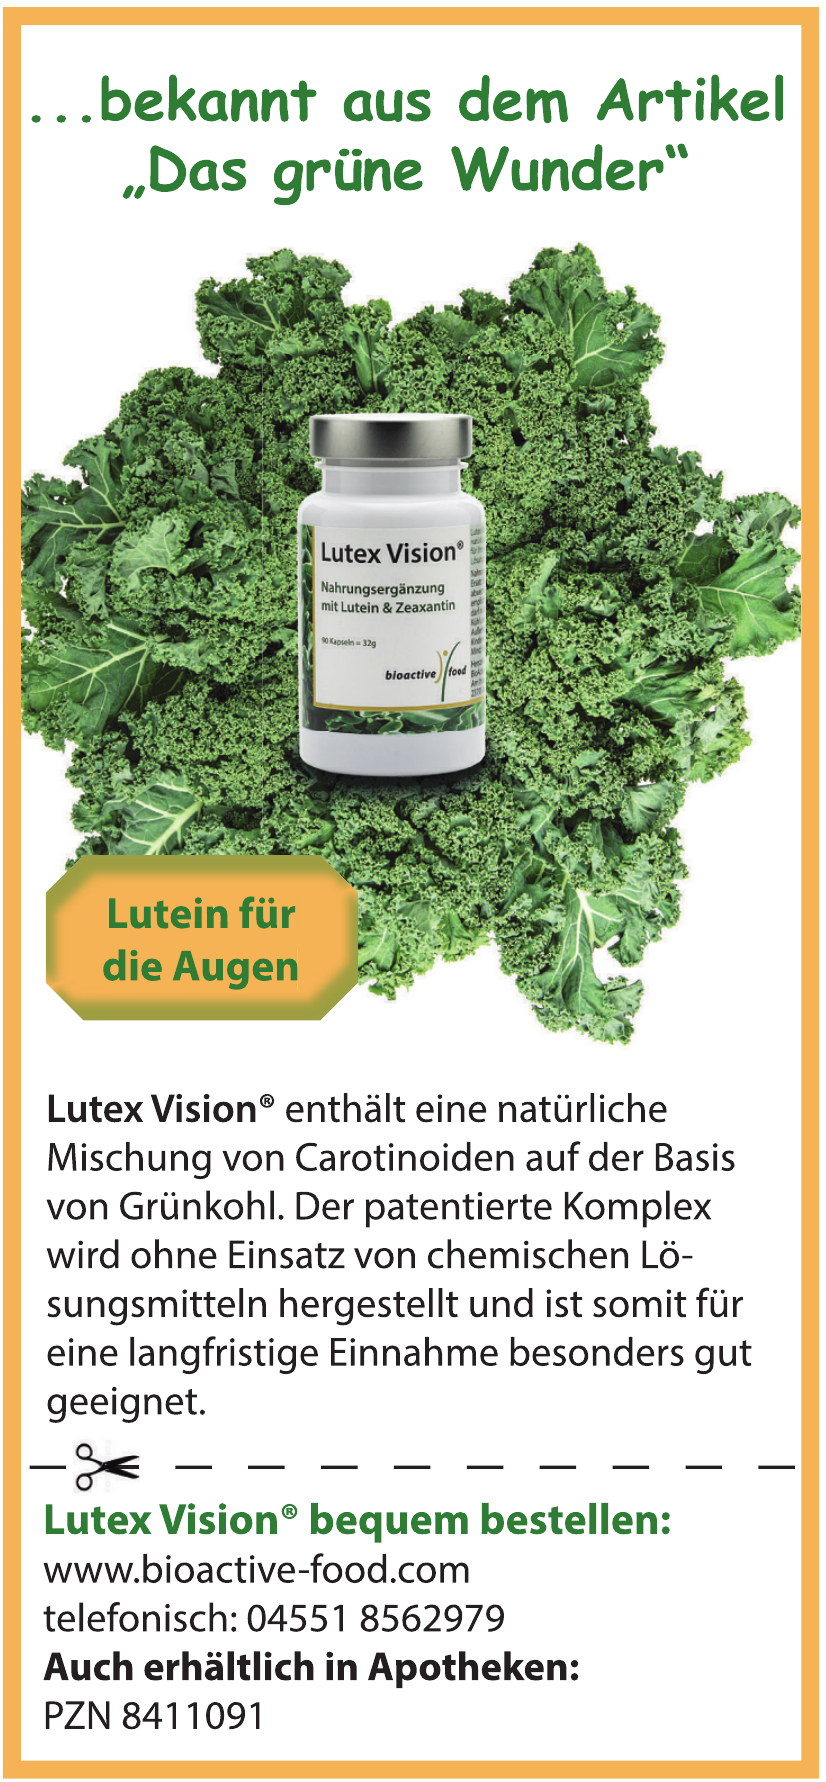 Lutex Vision